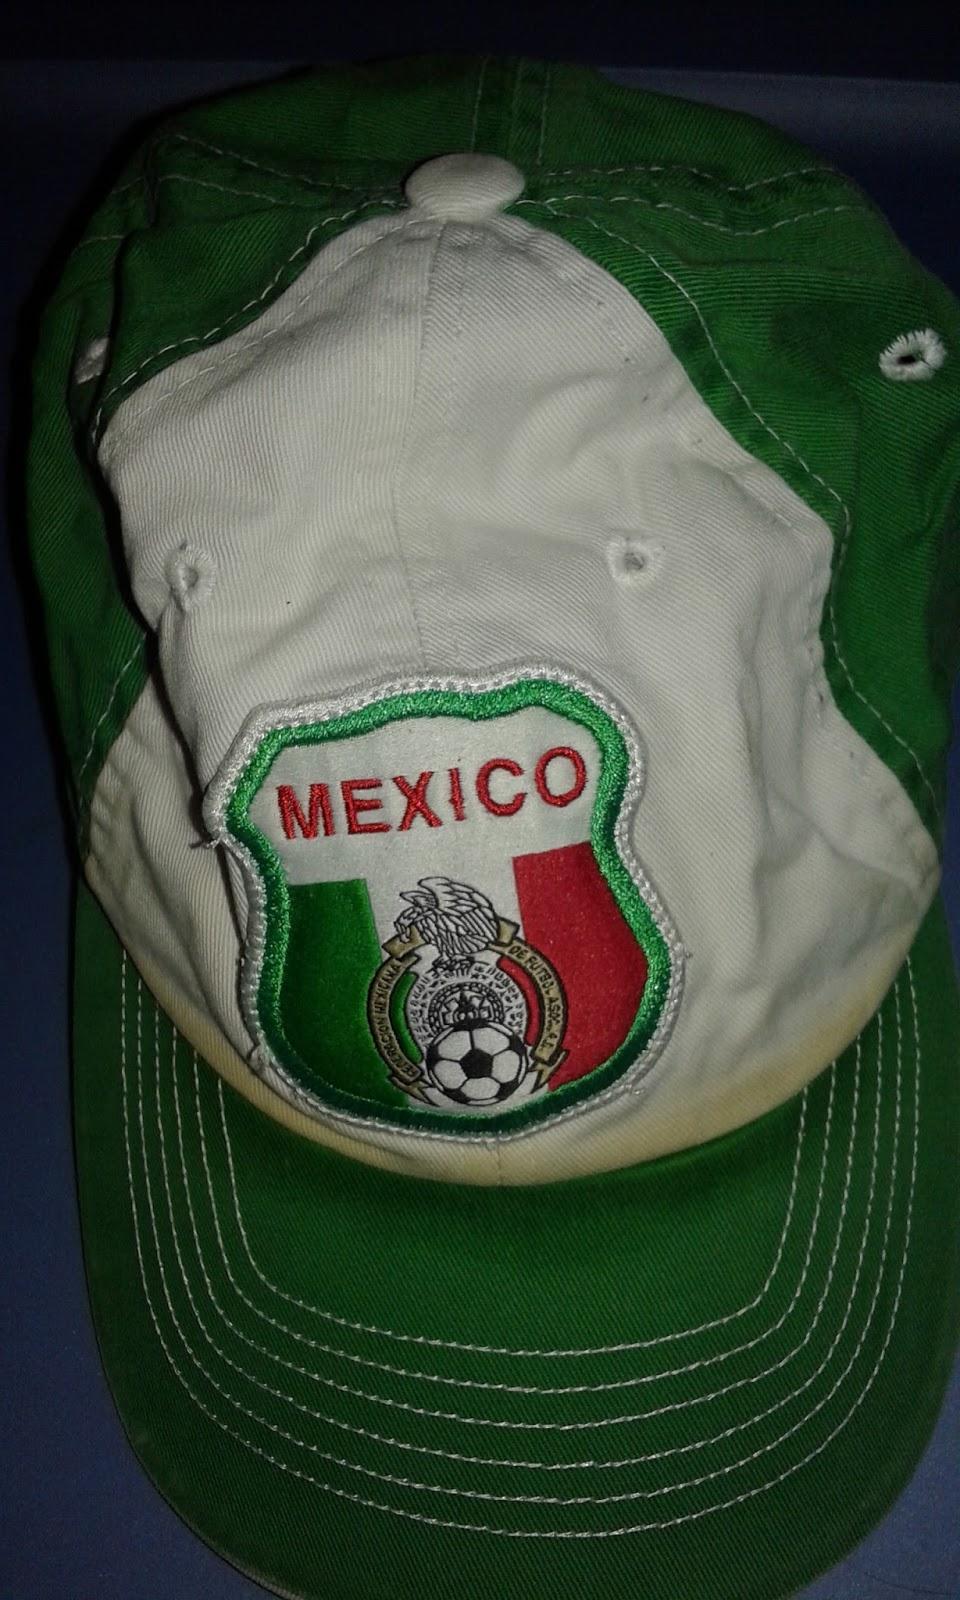 La 1° parte de esta entrega pueden verla en este link   http   divinortv.blogspot.com 2016 04 25-objetos-de-mi-pasion-futbolera-i.html 7d21848f857